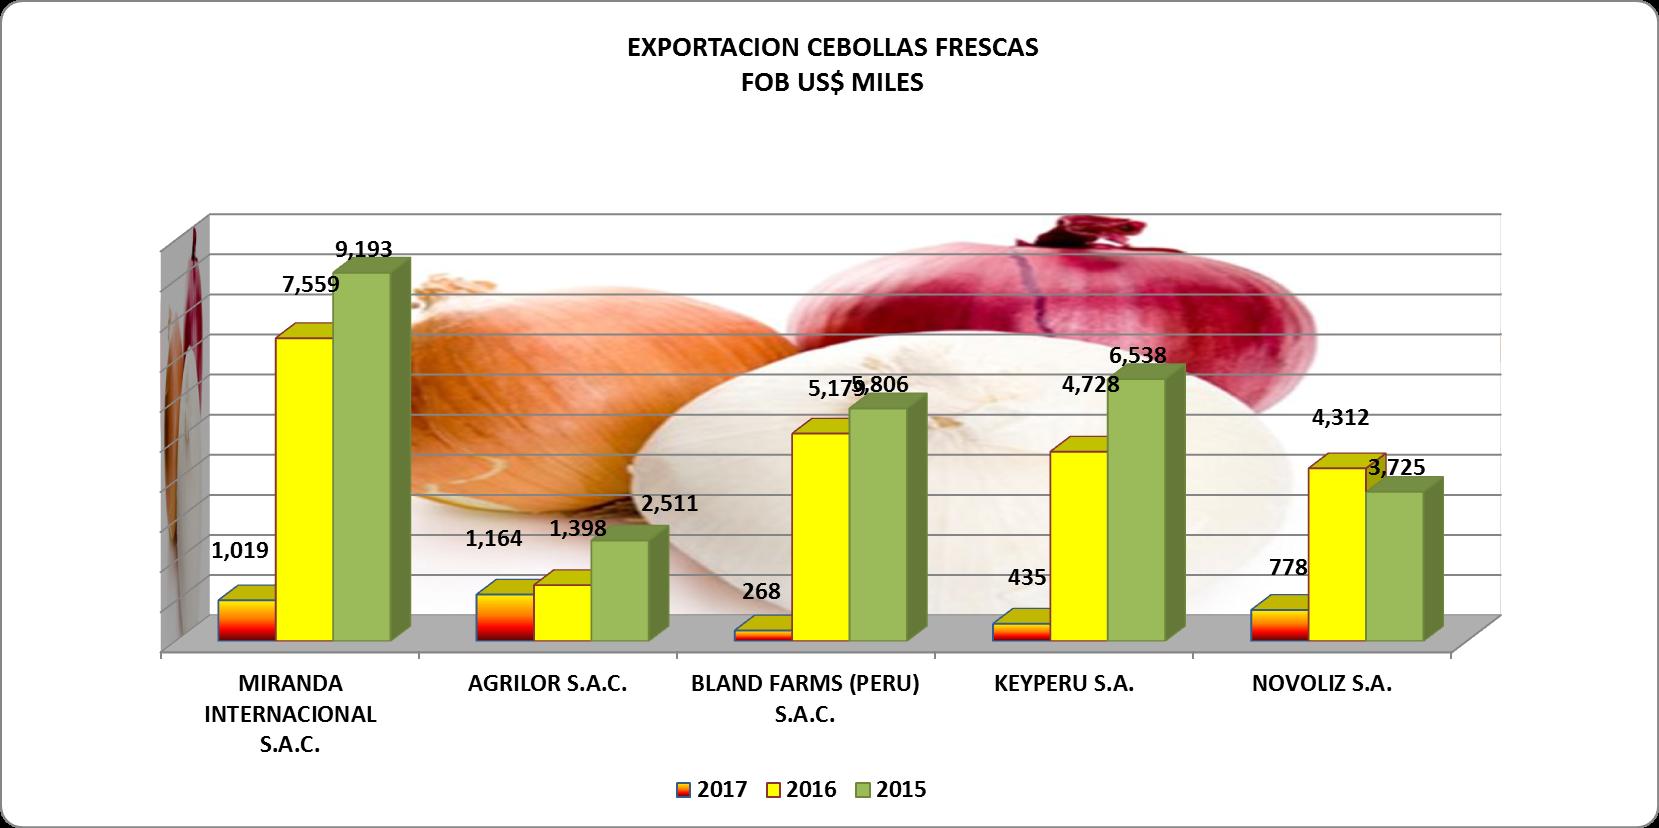 Cebolla Fresca Perú Exportación 2017 Julio